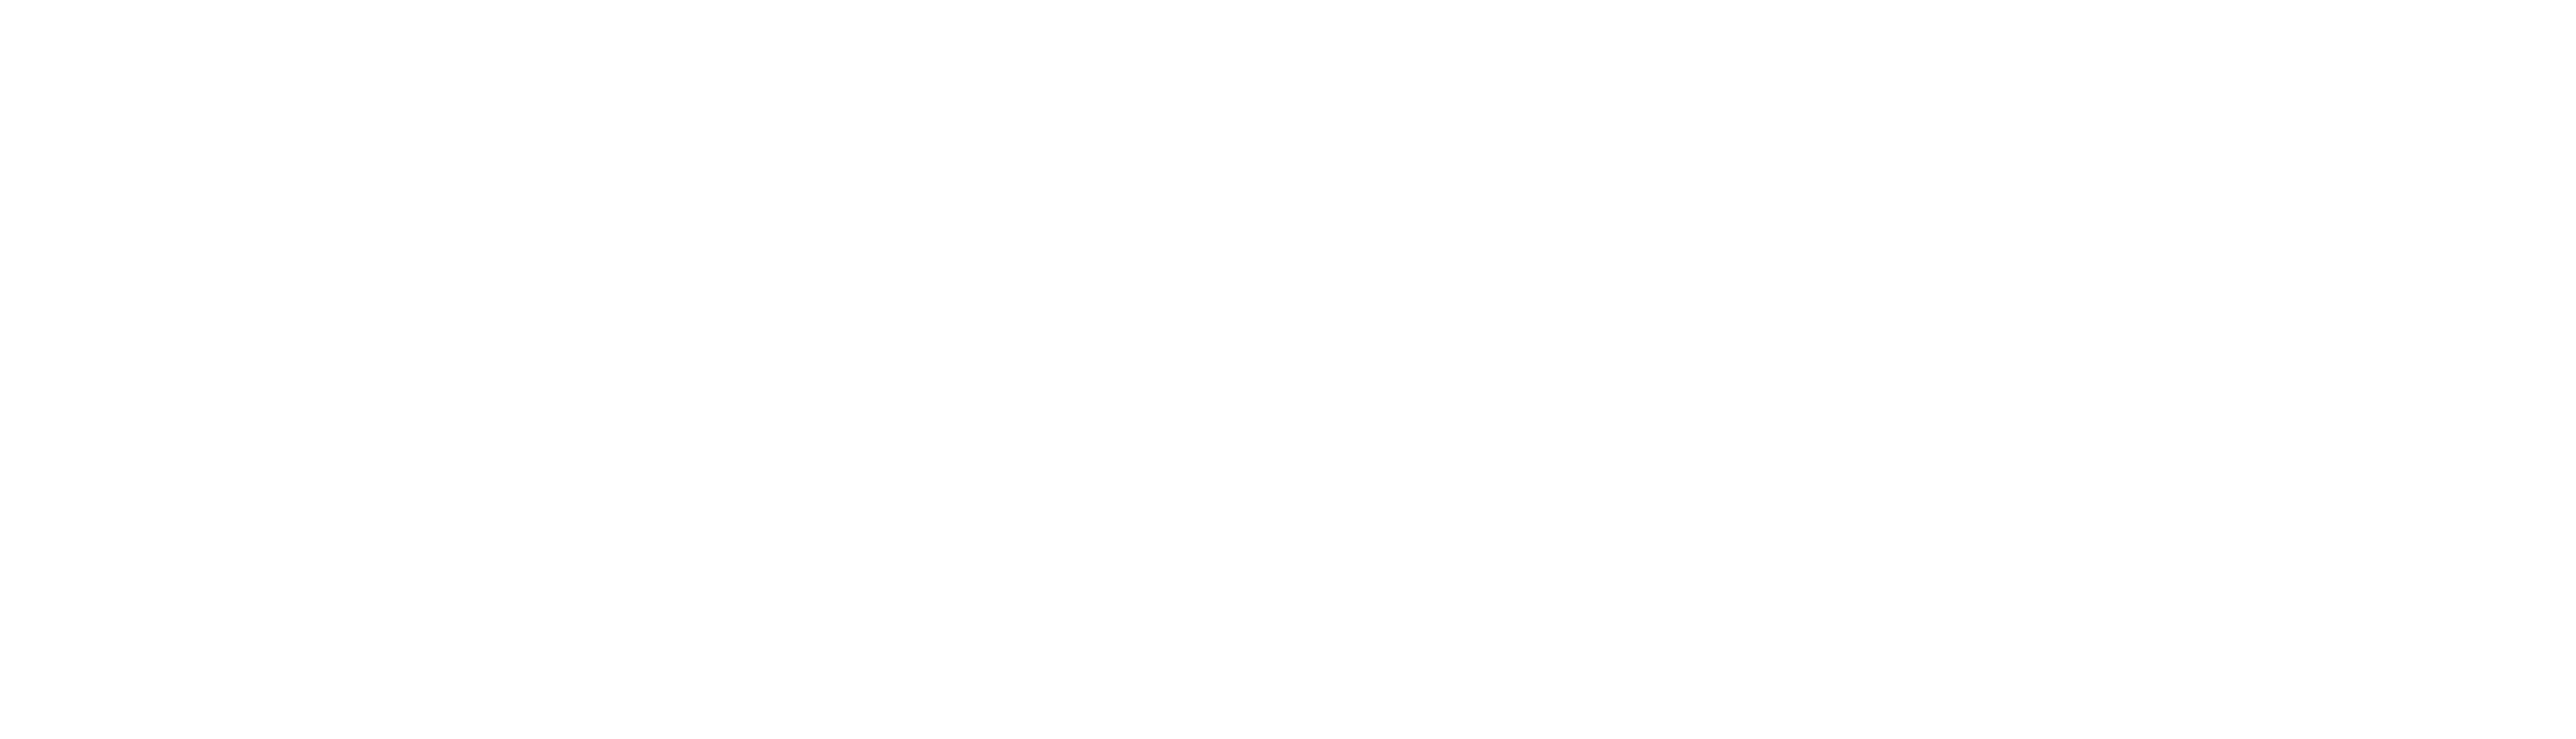 Qolsys-Logo-WHITE-Large